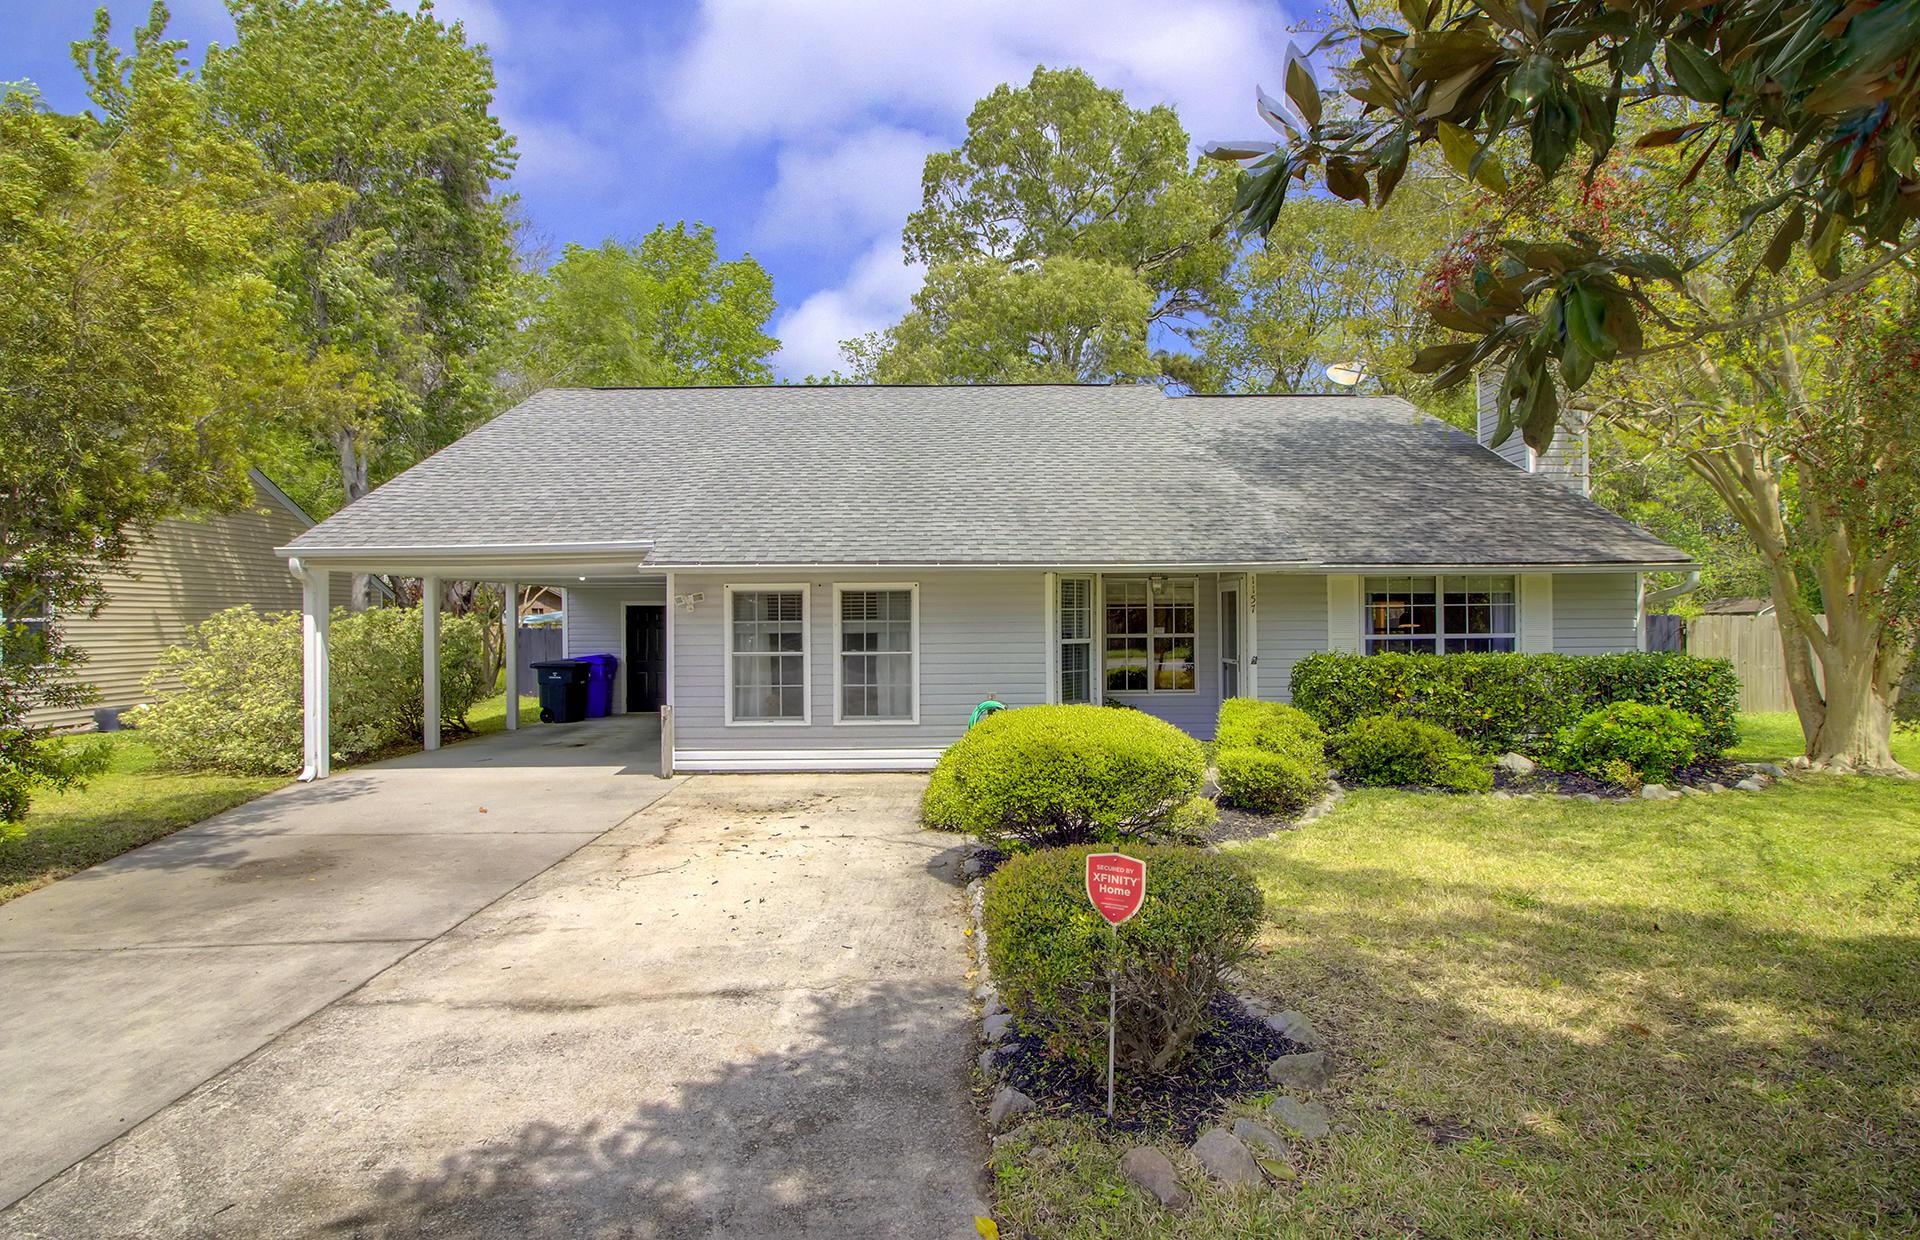 Willow Walk Homes For Sale - 1157 Oakcrest, Charleston, SC - 3